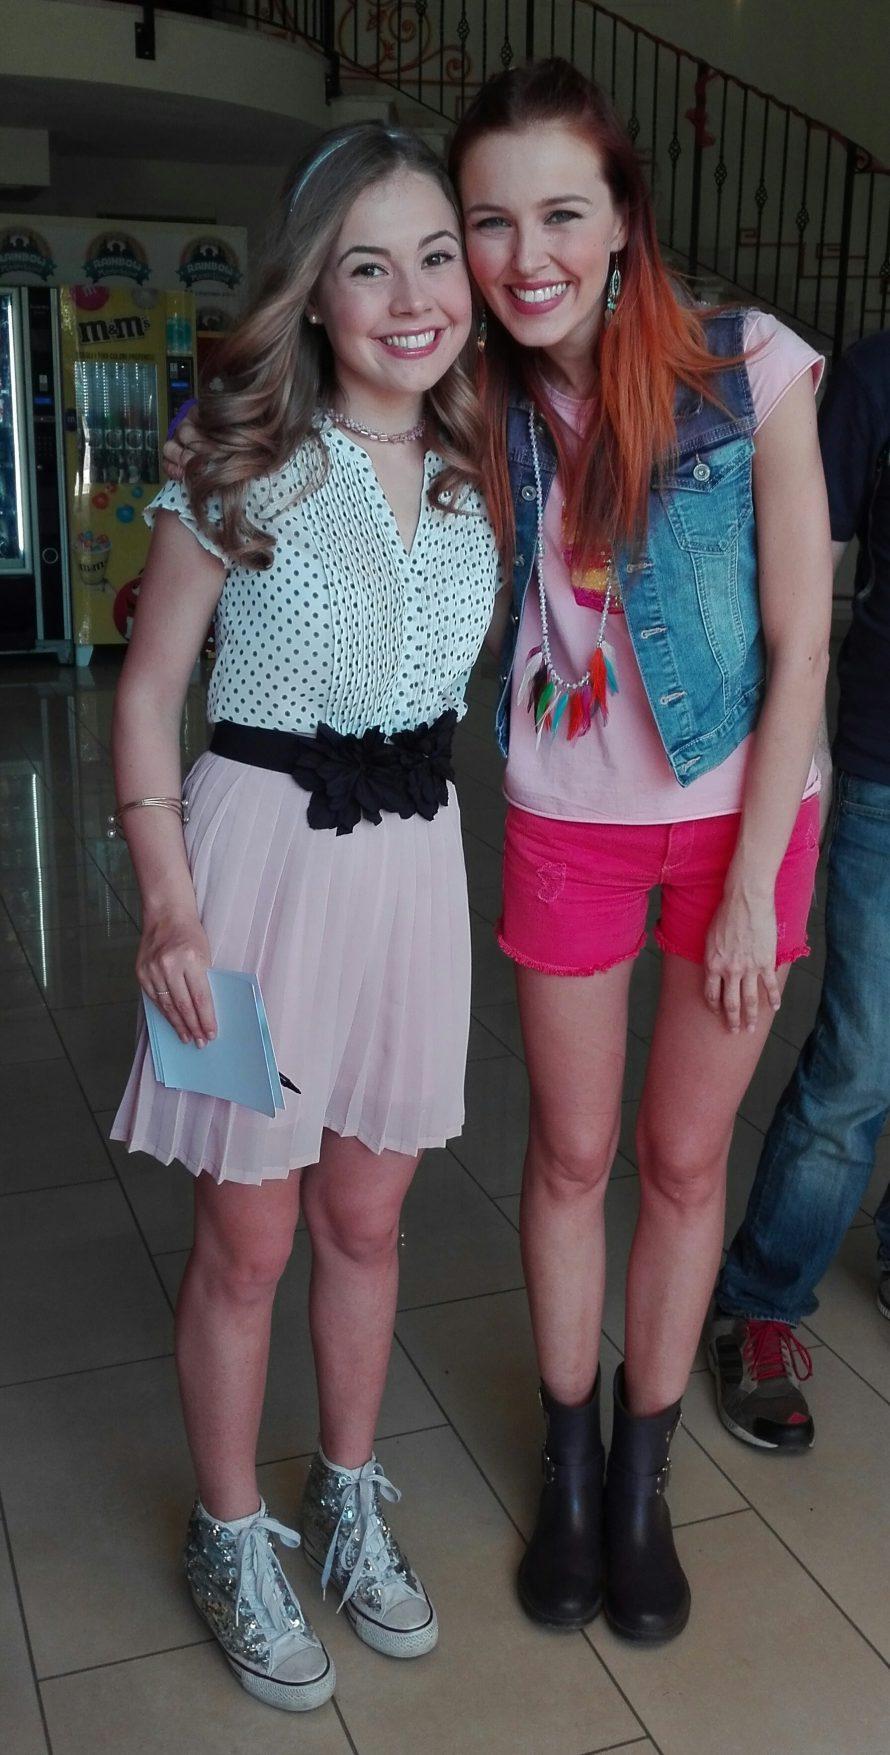 Maggie e bianca al rainbow magicland per incontrare i fan for Disegni da colorare maggie e bianca